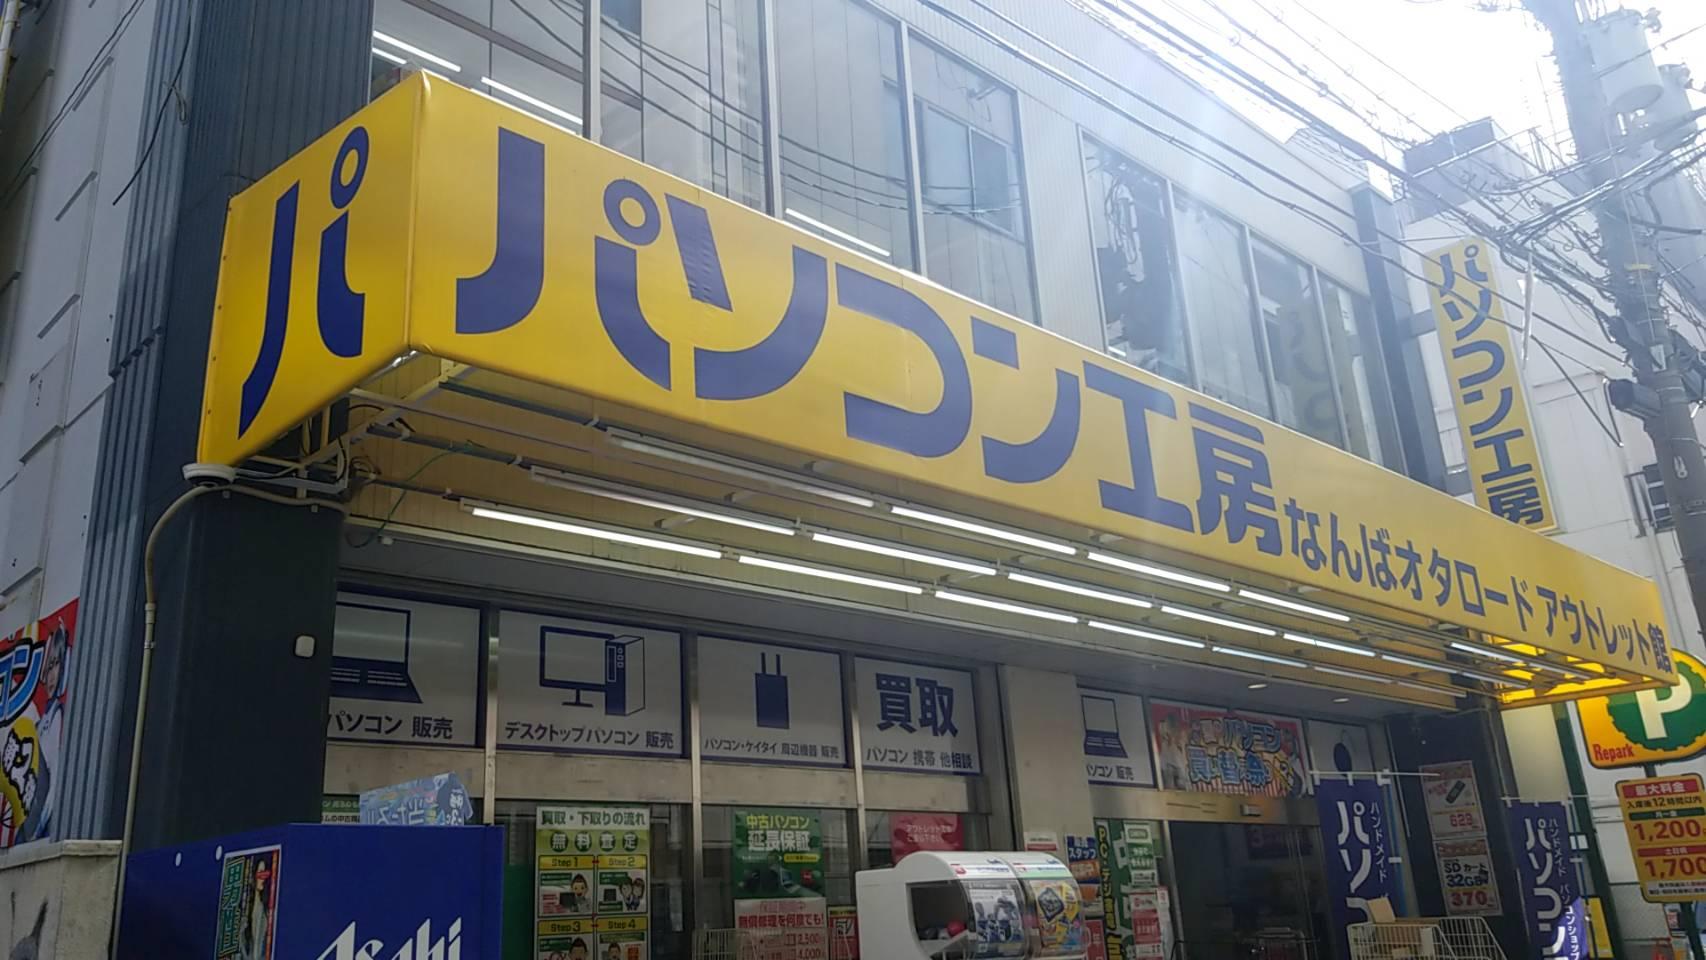 パソコン工房 なんばオタロードアウトレット店(大阪市)